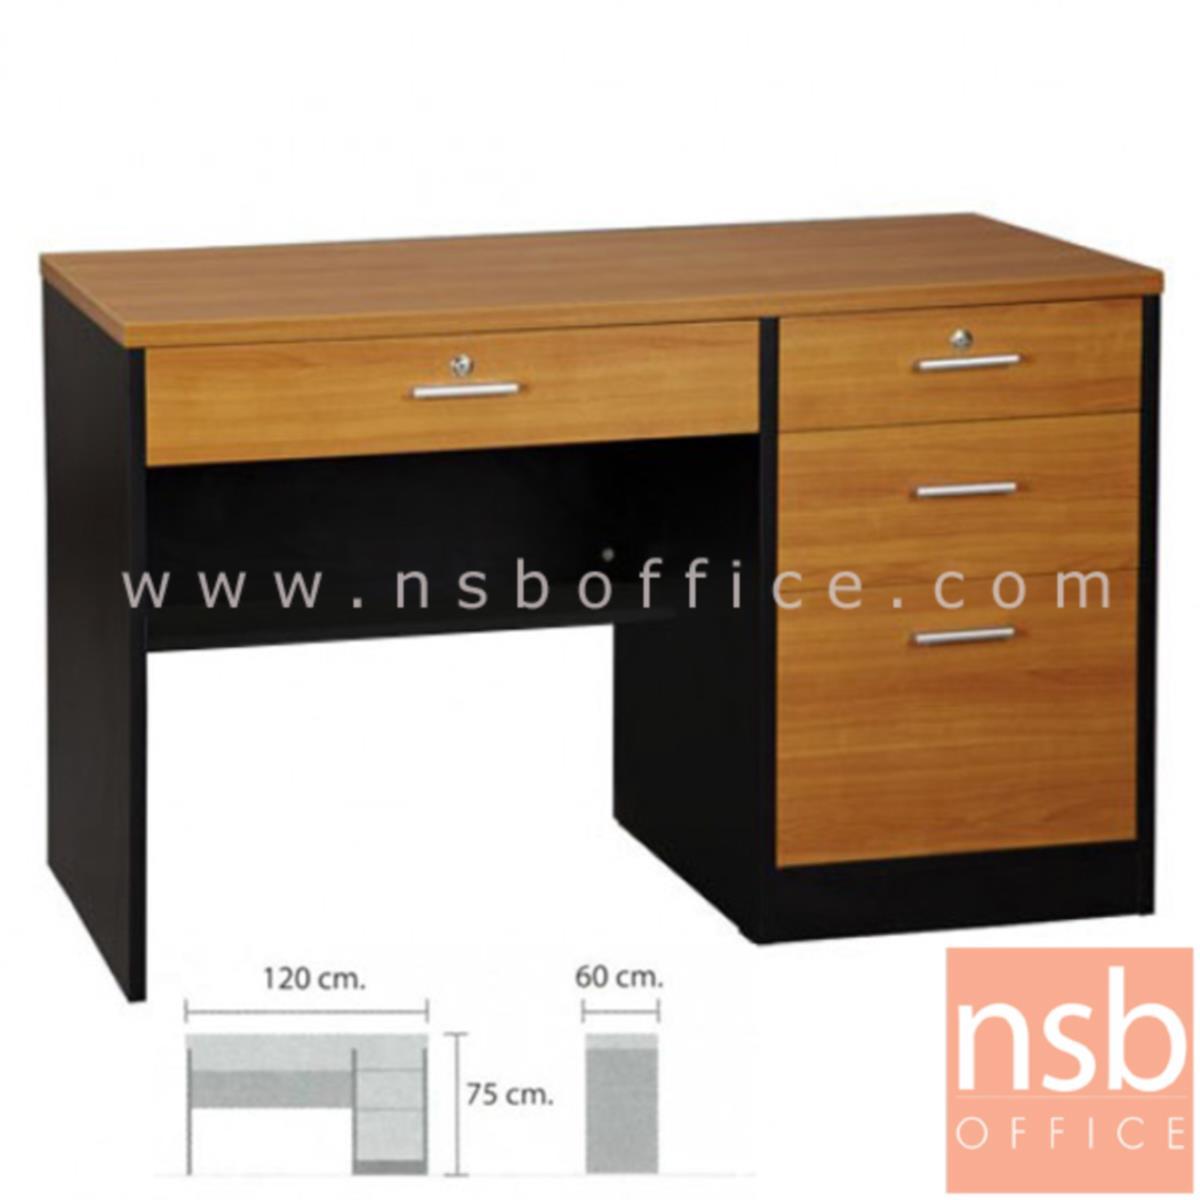 A12A044:โต๊ะทำงาน 4 ลิ้นชัก รุ่น Bulova (บูโลวา) ขนาด 120W ,135W ,150 ,160 cm.  เมลามีน